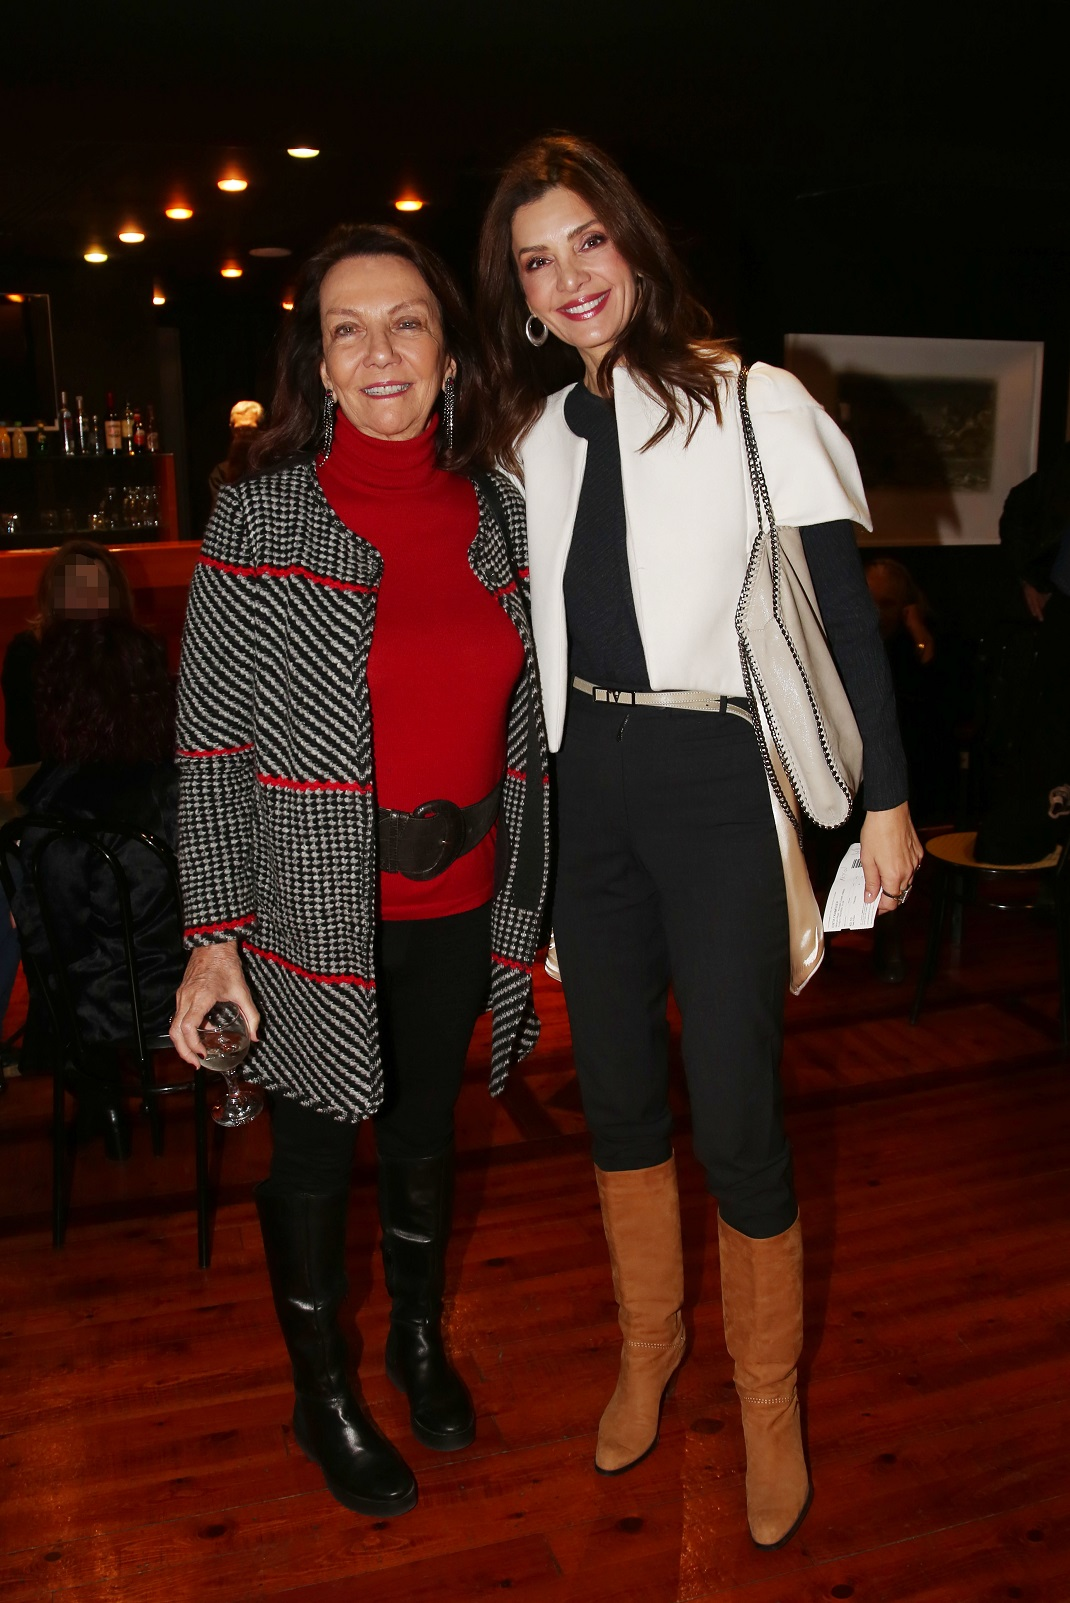 Η Κατερίνα Λέχου και η Μυριέλλα Παπαοικονόμου